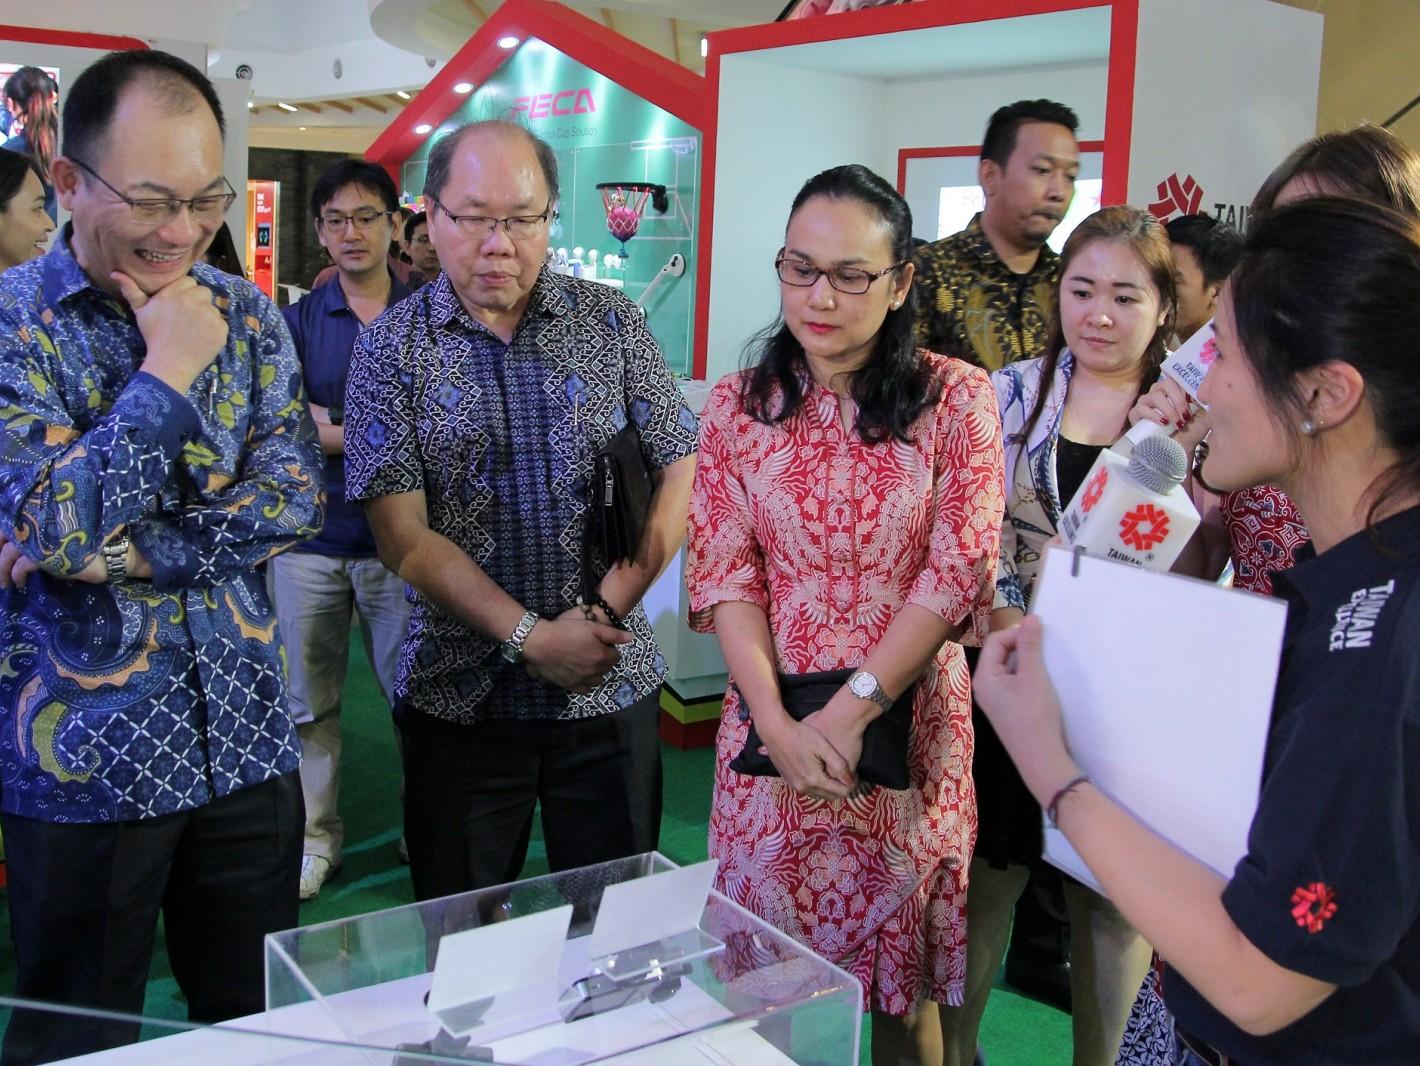 駐印尼台北經濟貿易代表處經濟組副組長廖浩志(左)帶領貴賓參觀台灣精品展示。